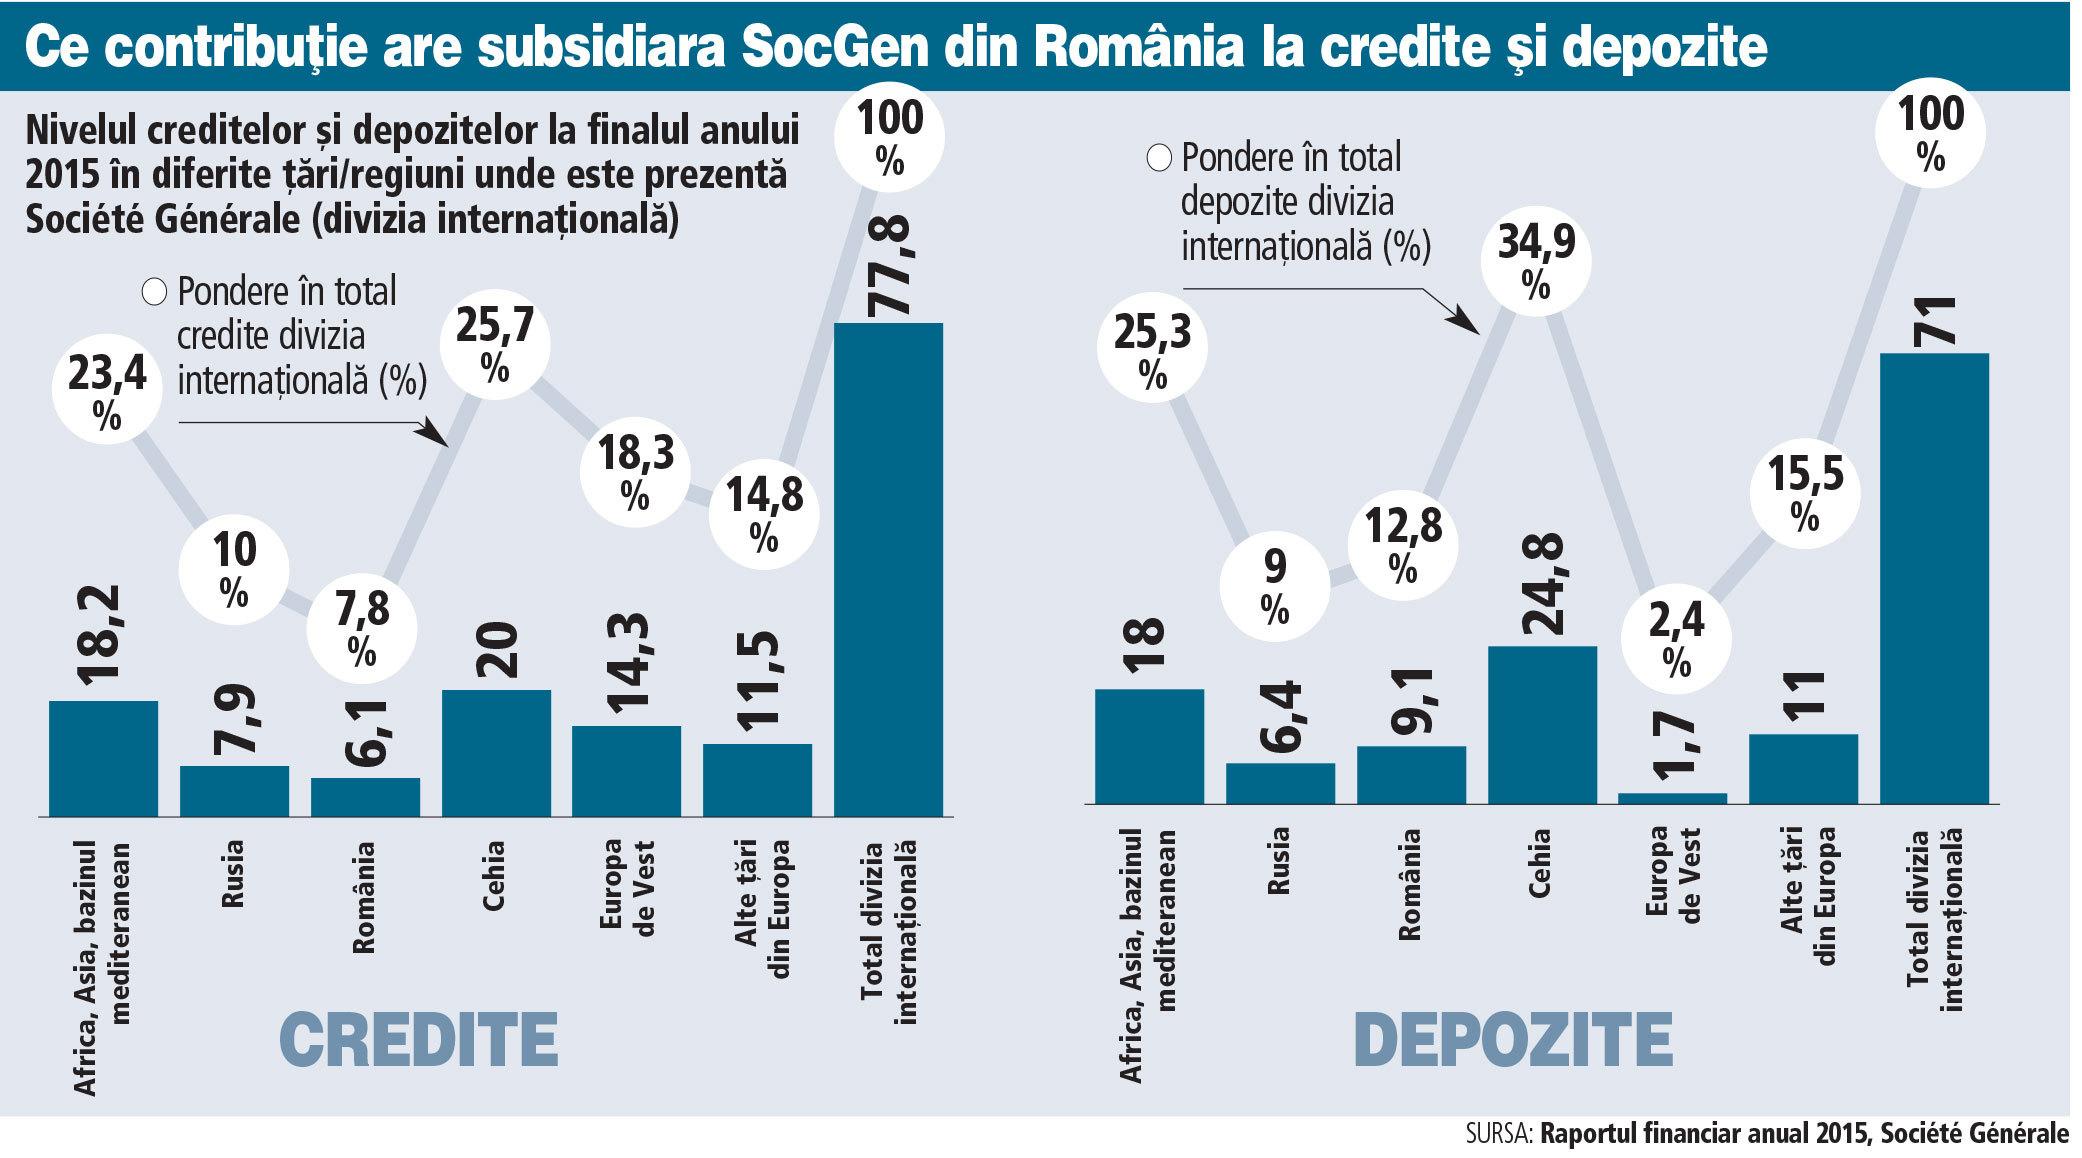 BRD contribuie cu 8% la creditele diviziei internaţionale a grupului francez Société Générale şi are 13% din depozite